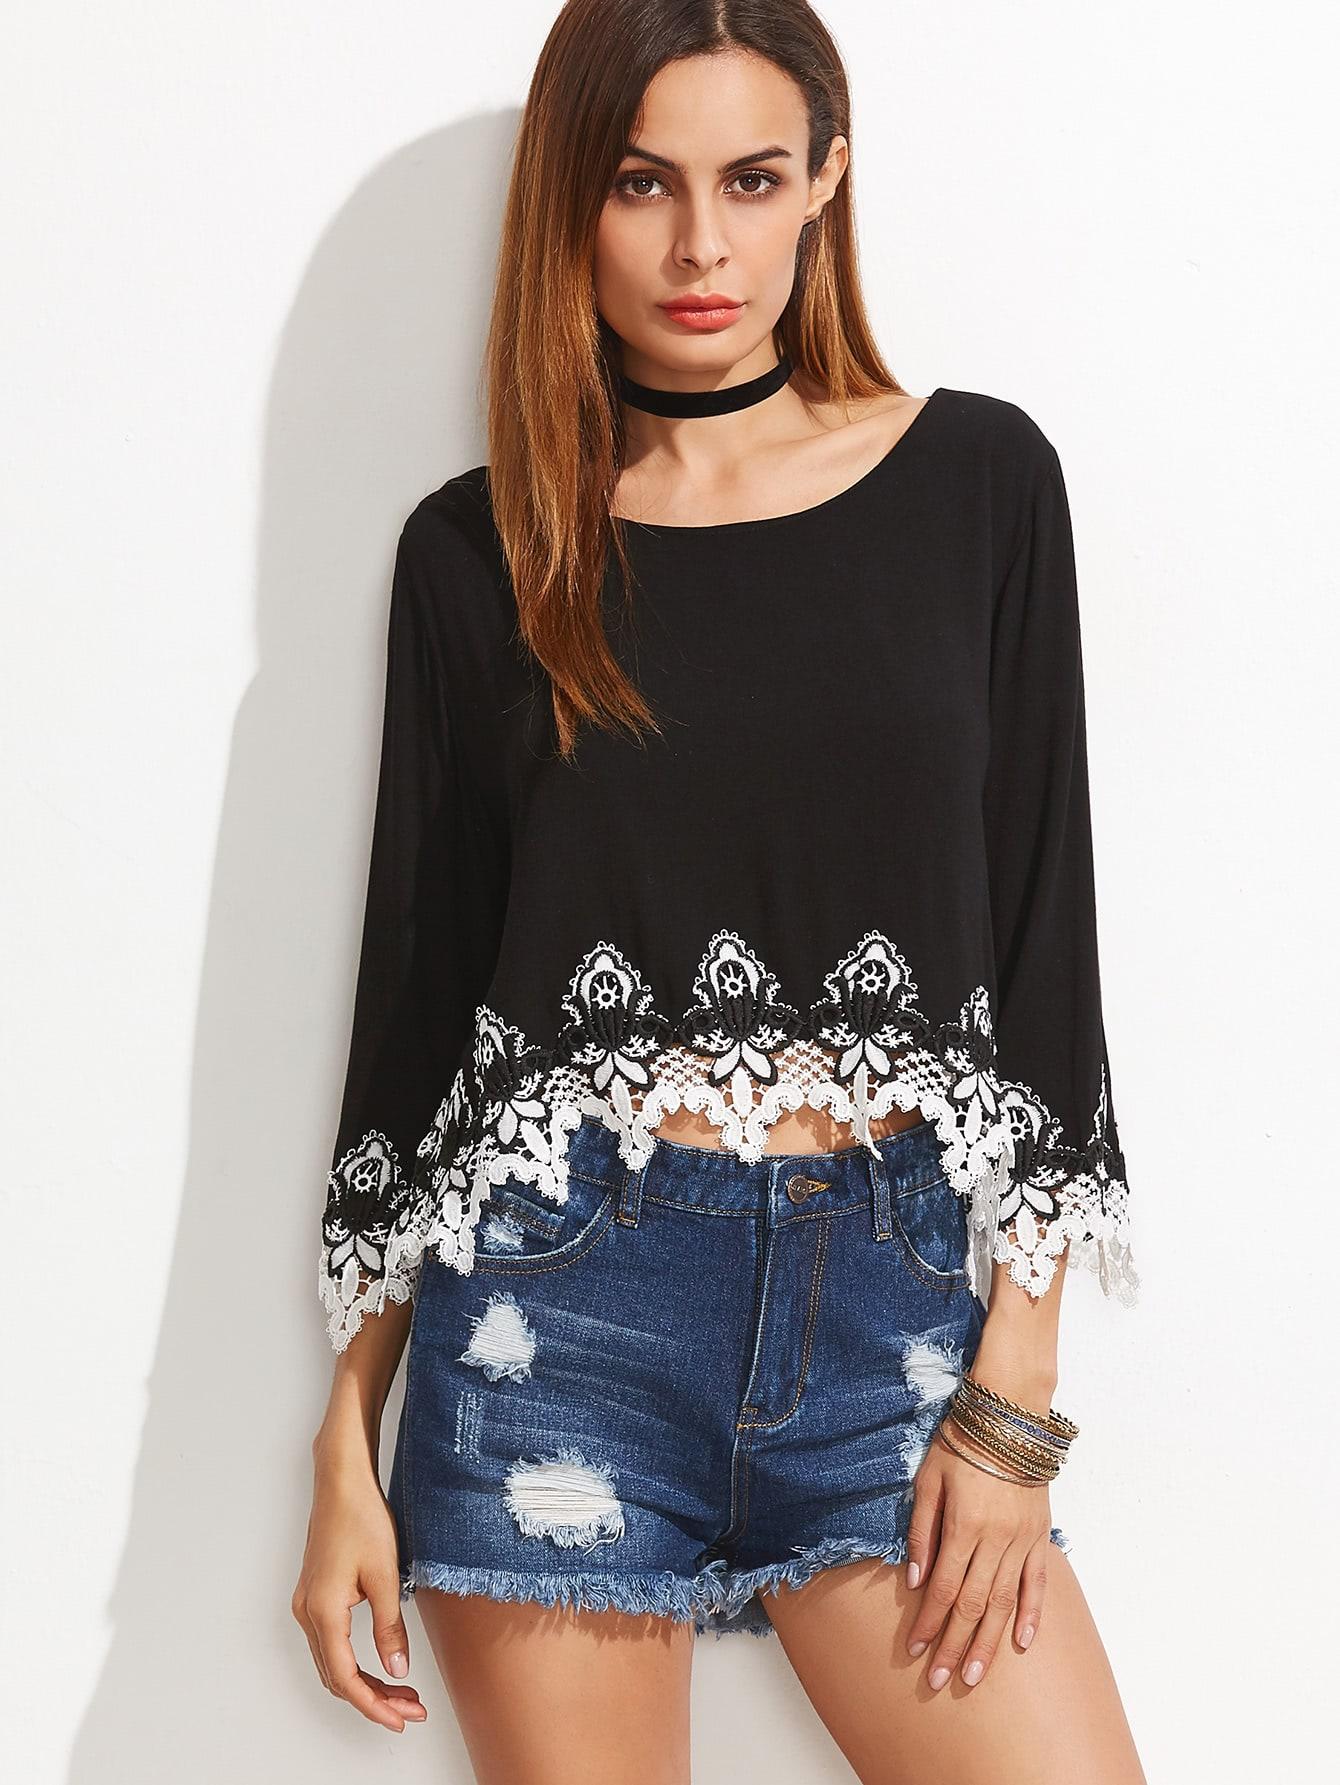 Black Contrast Crochet Trim Split Back High Low Top blouse161130450